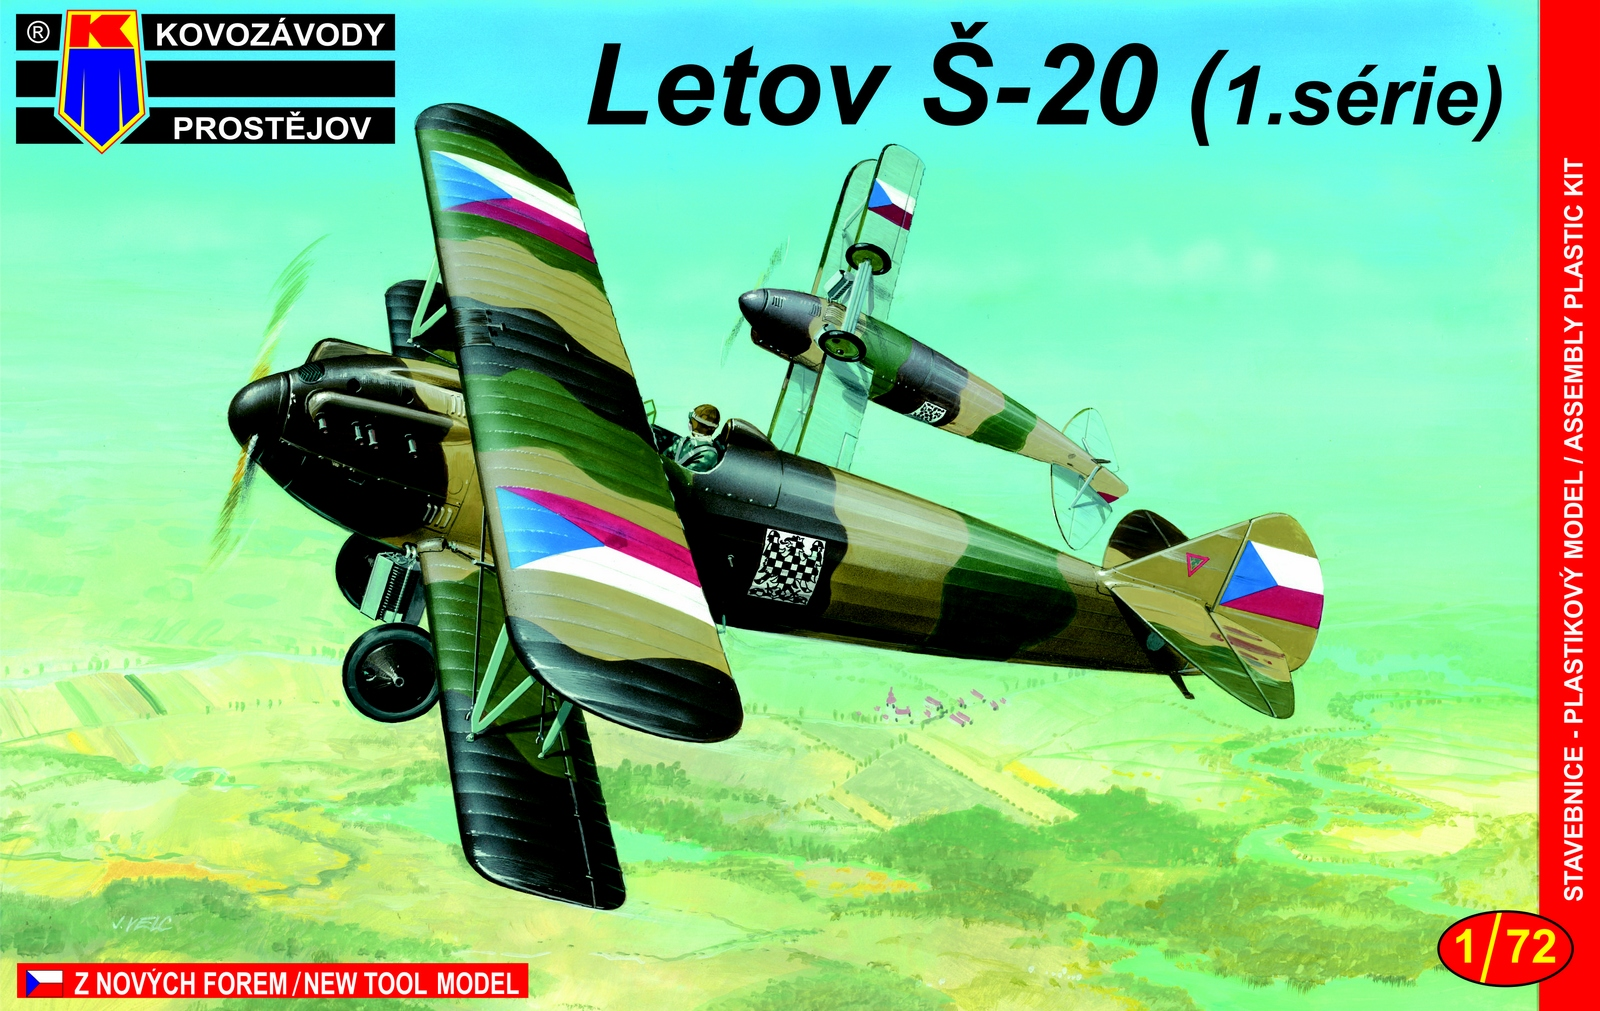 Slepovací model Kovozávody 1:72 Letov Š-20 ranná verze/Early *